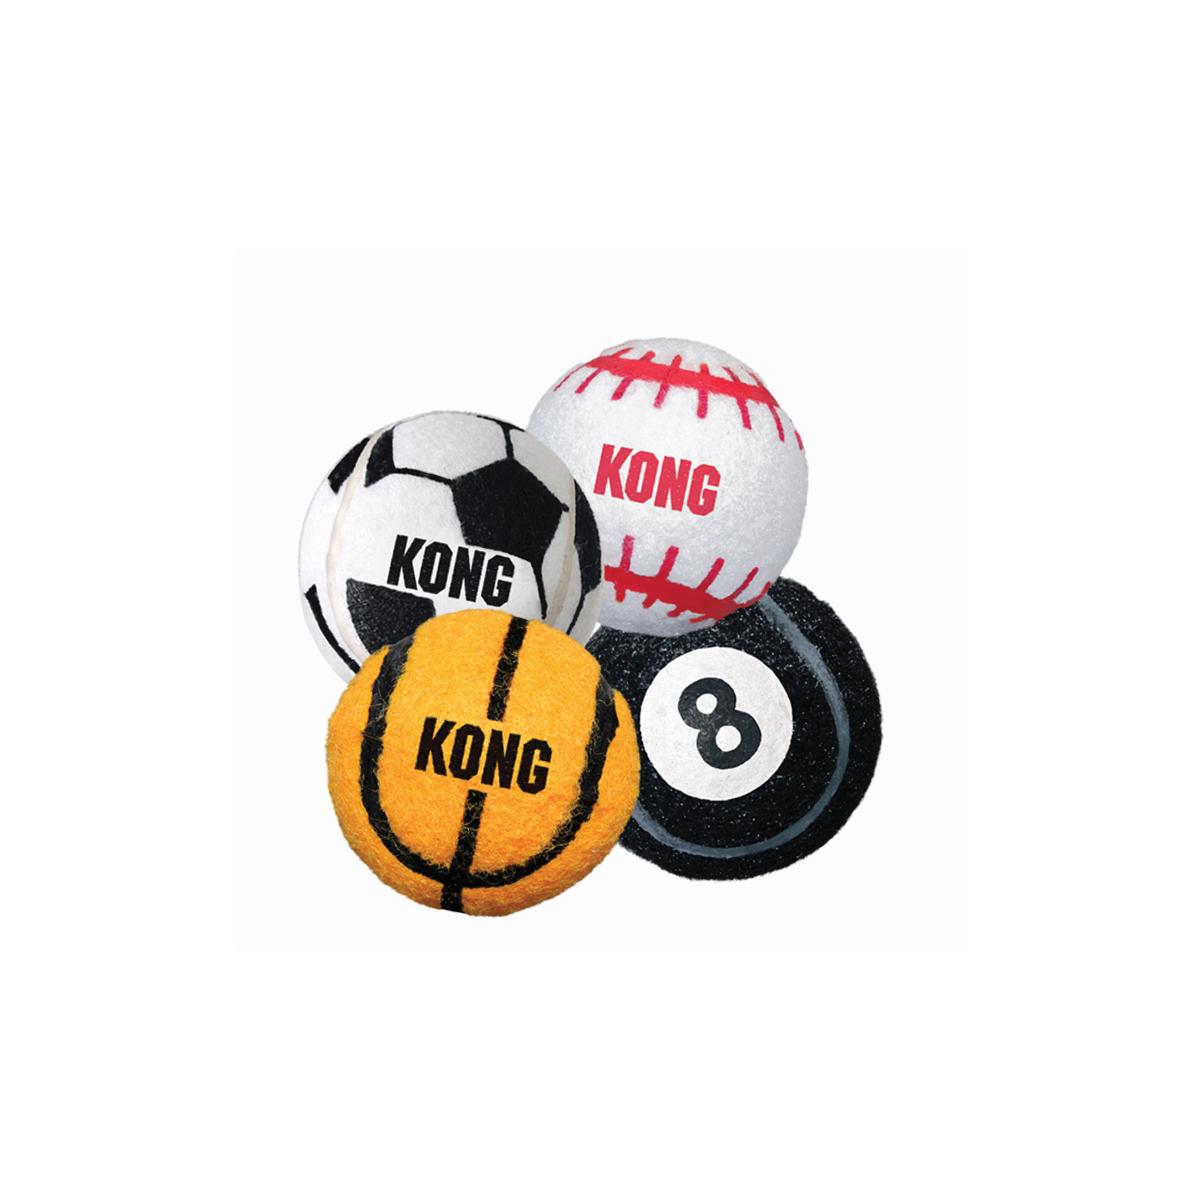 Kong - sport balls 2pk